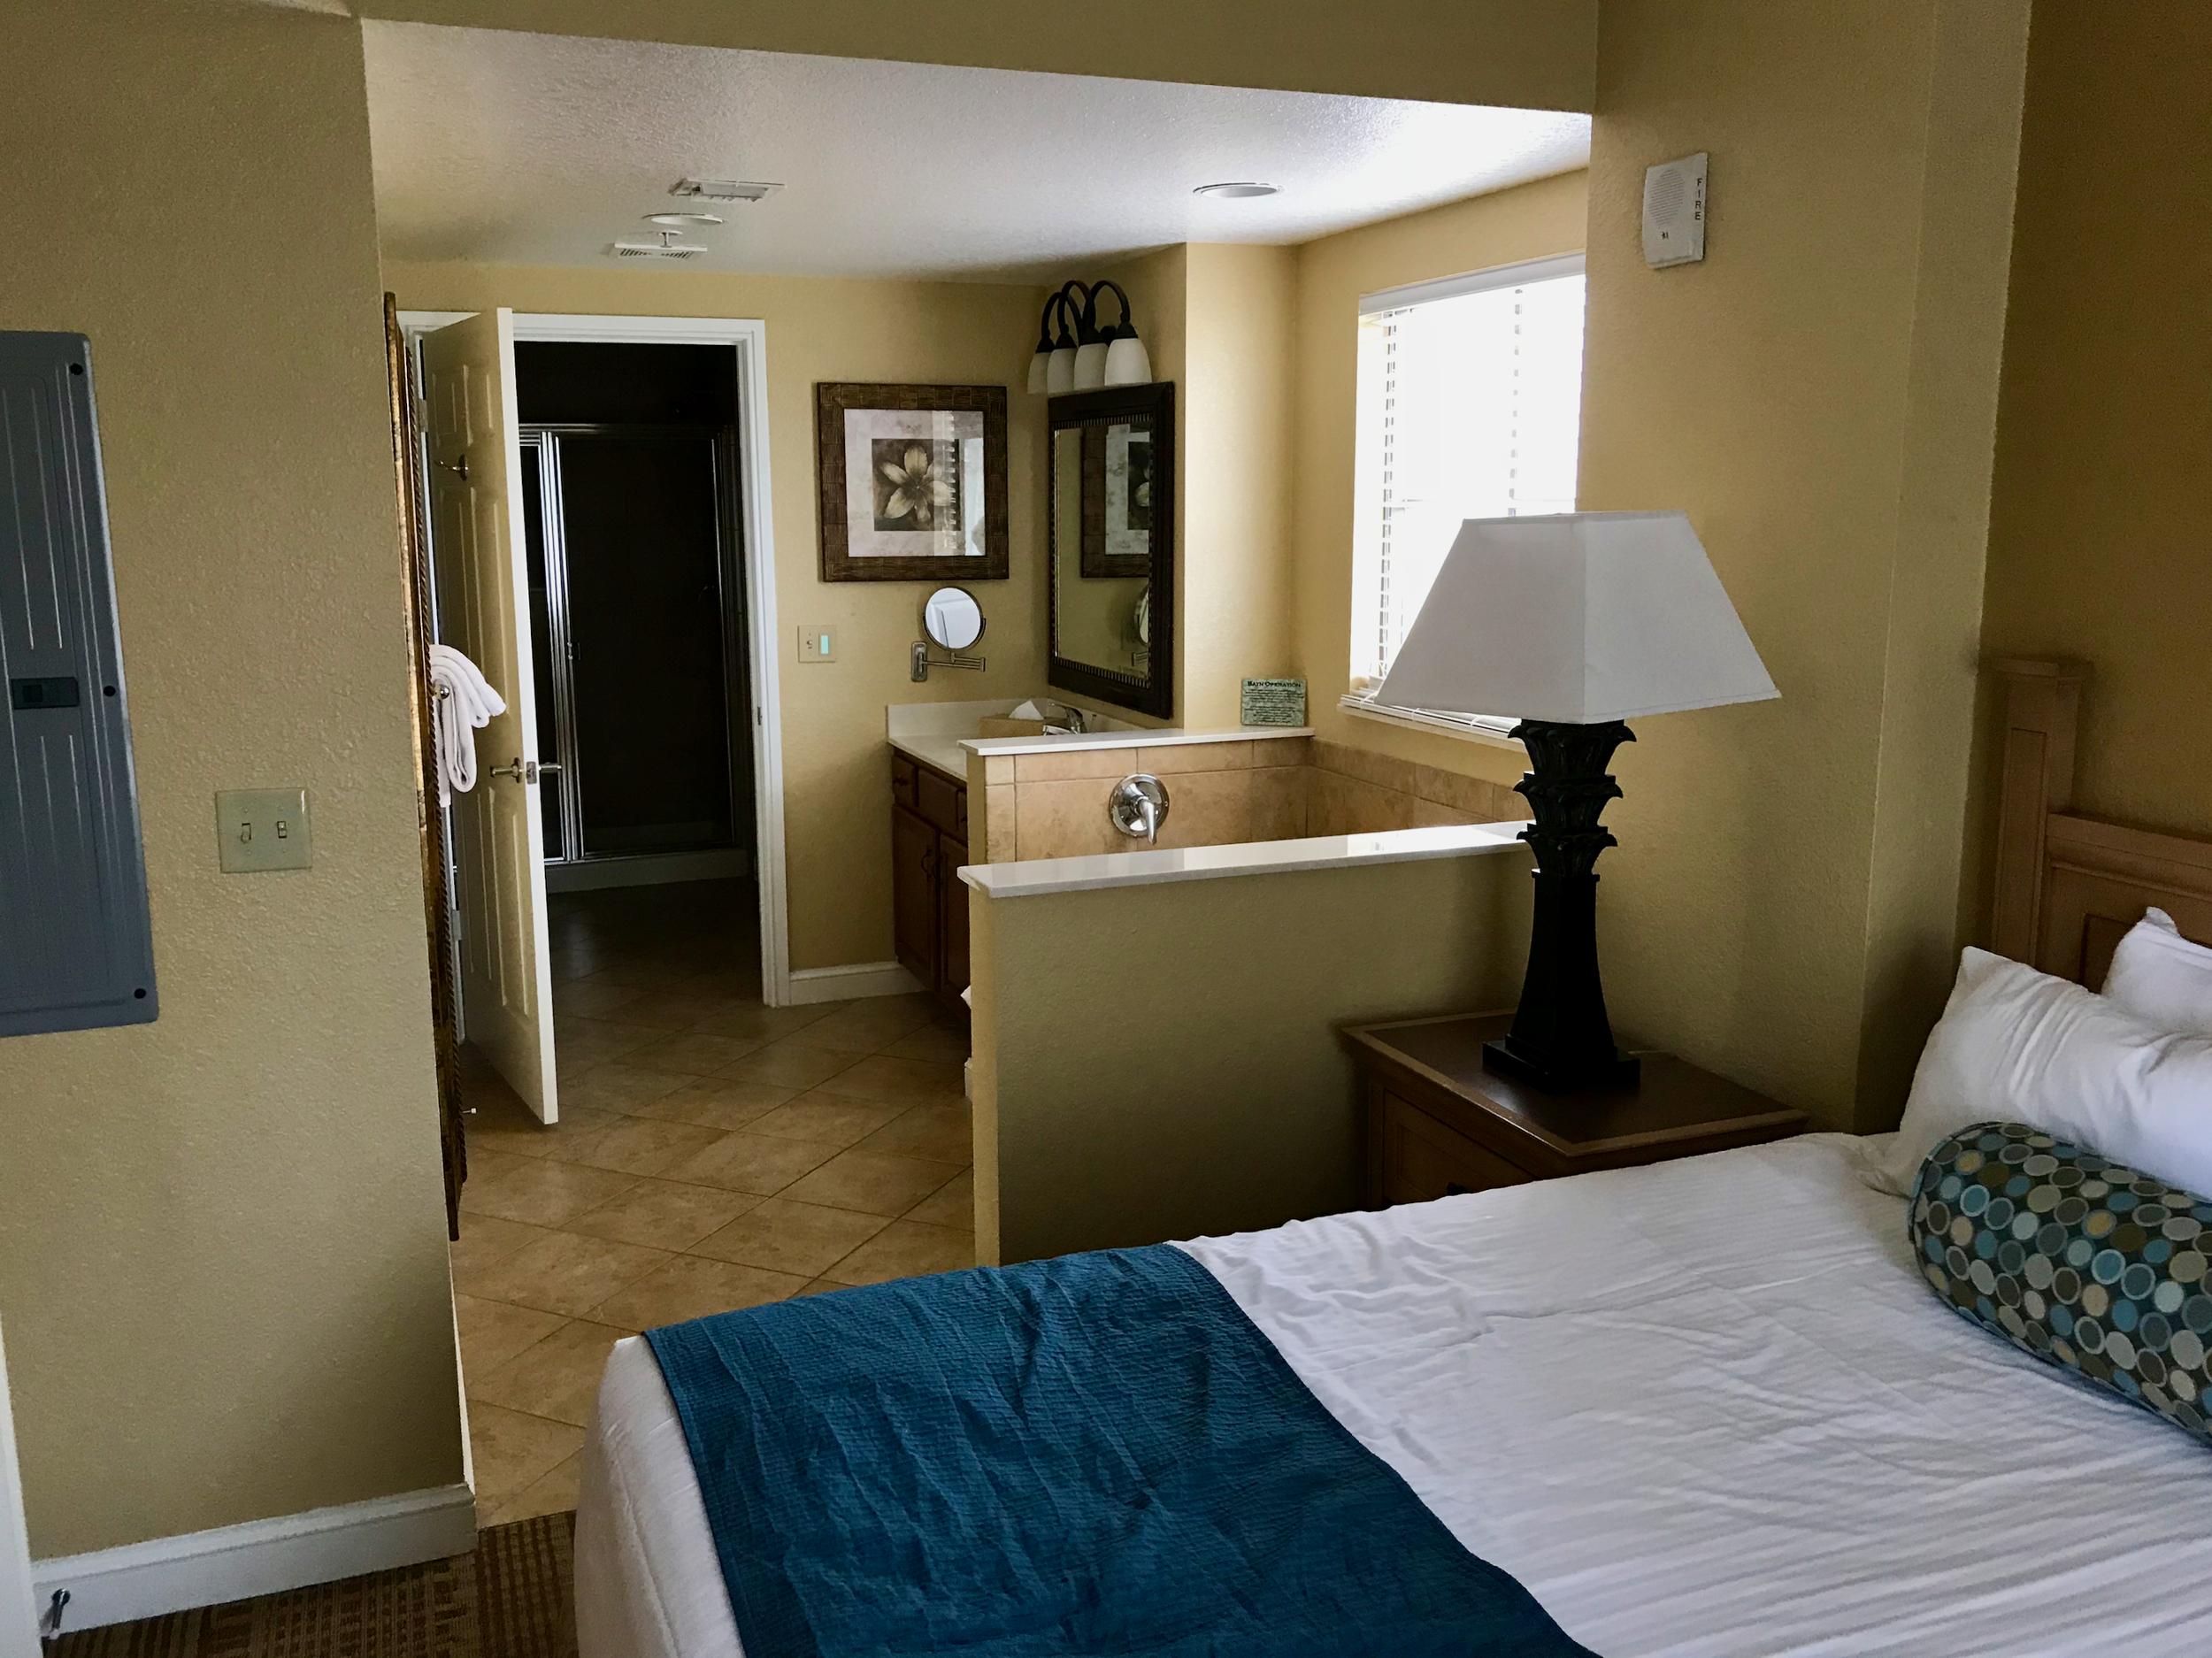 Condo master bedroom and bath  (click to enlarge)